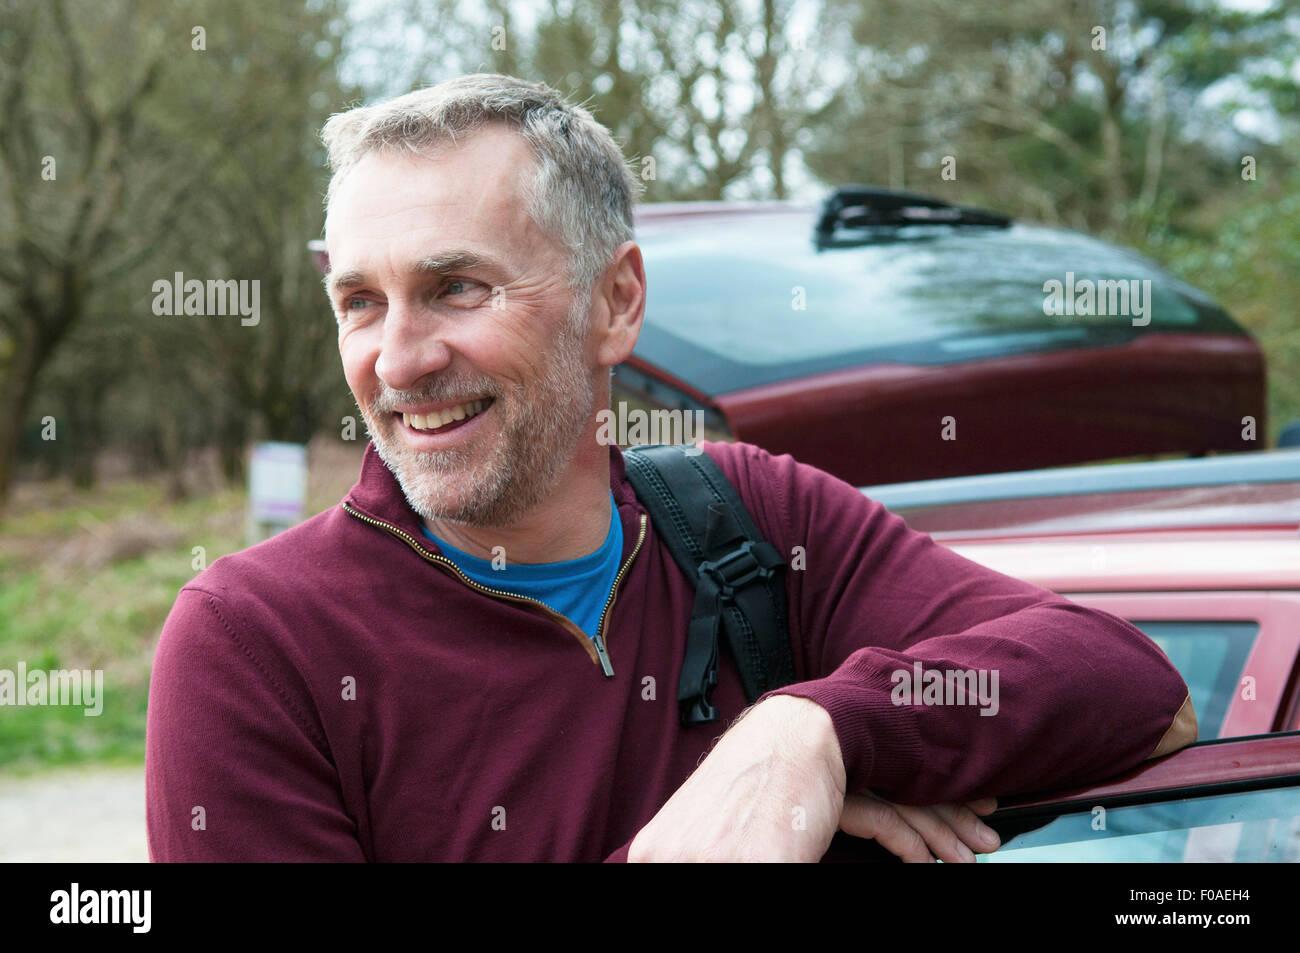 Porträt von männlichen Wanderer Fahrzeugtür gelehnt Stockbild